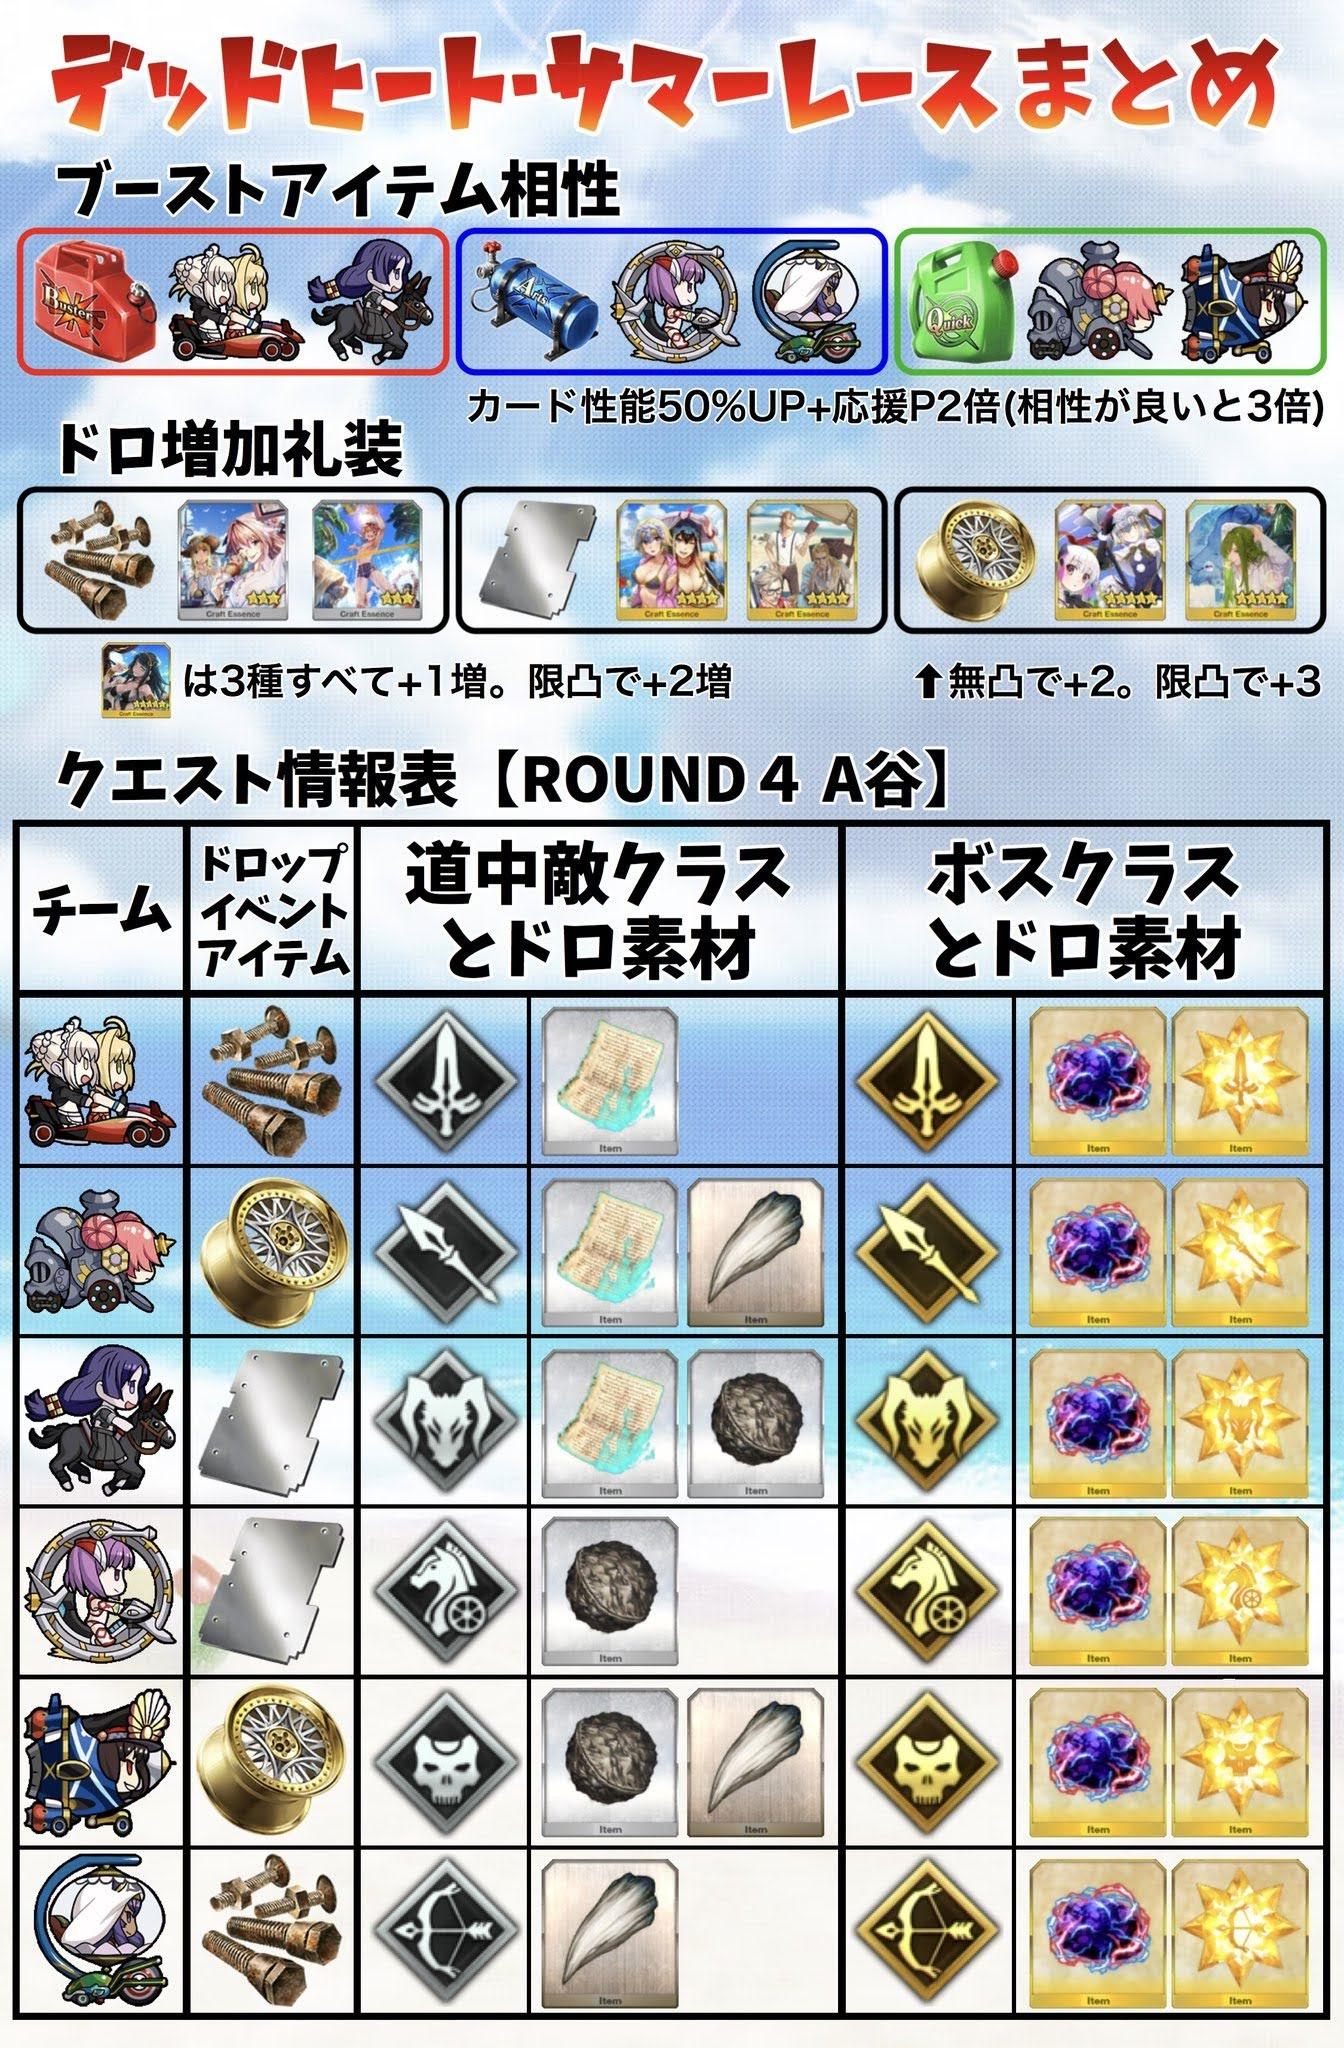 Dg_7aqjU8AA_x32.jpg